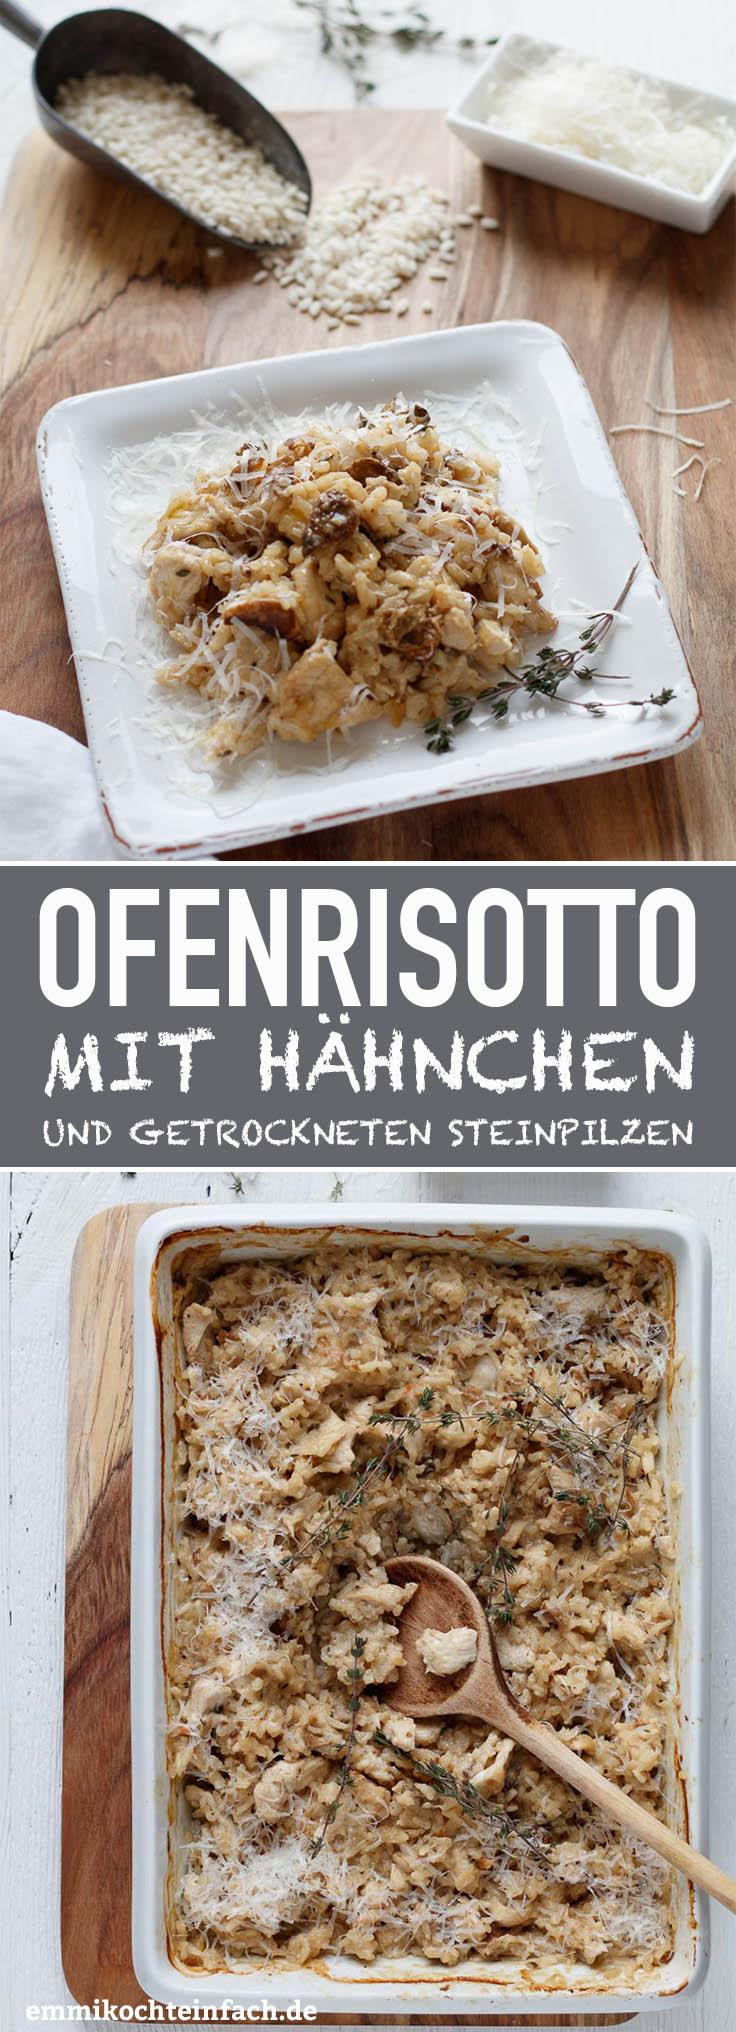 Ofenrisotto mit Hähnchenbrustfilet und getrockneten Steinpilzen - www.emmikochteinfach.de